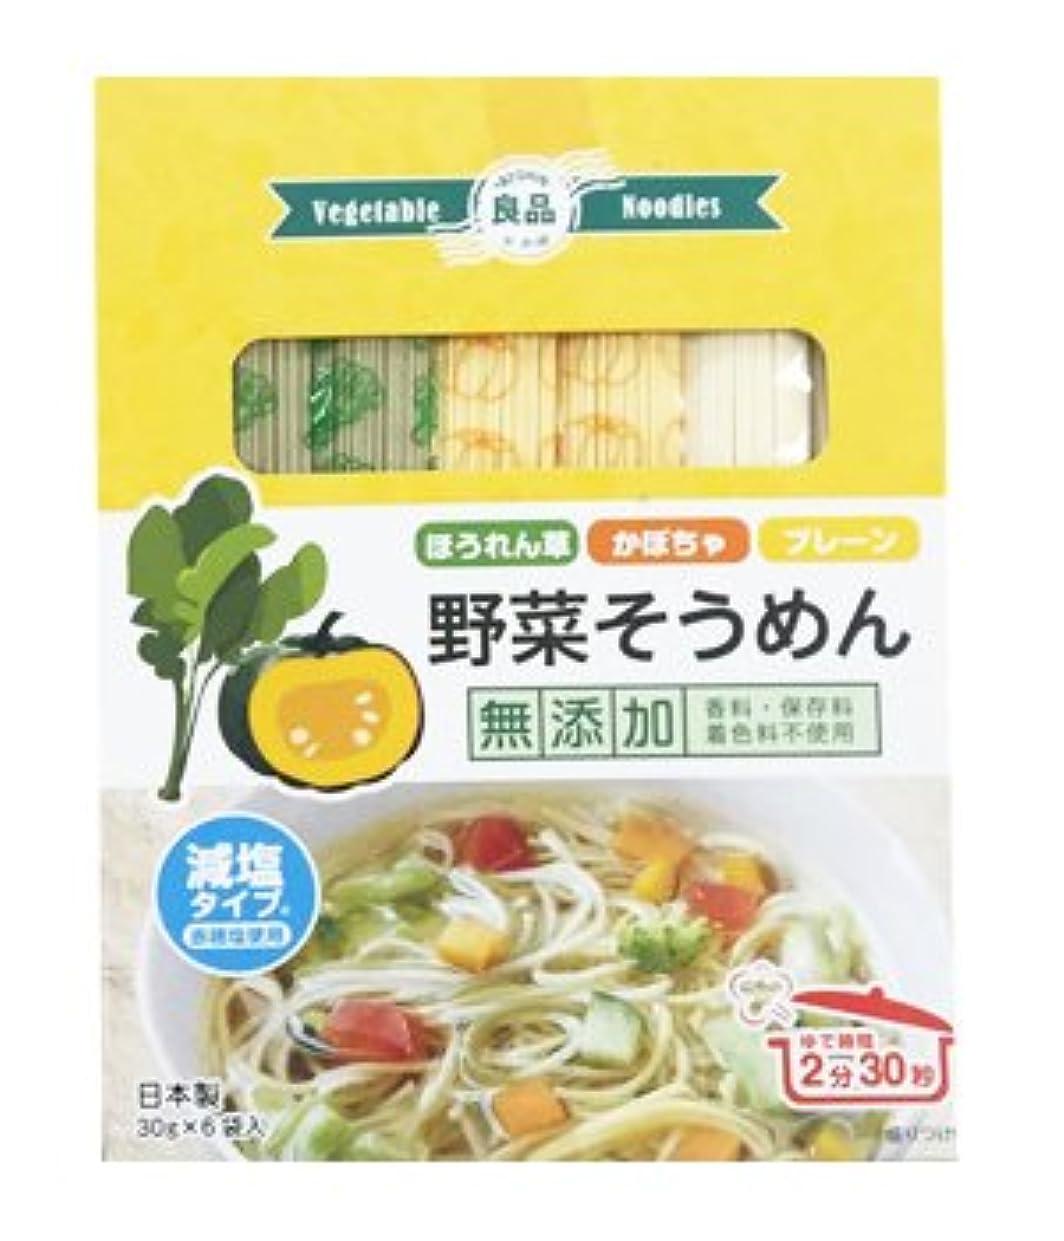 スキムエキスパート対応良品 野菜そうめん(ほうれん草?かぼちゃ?プレーン) 30g×6袋入